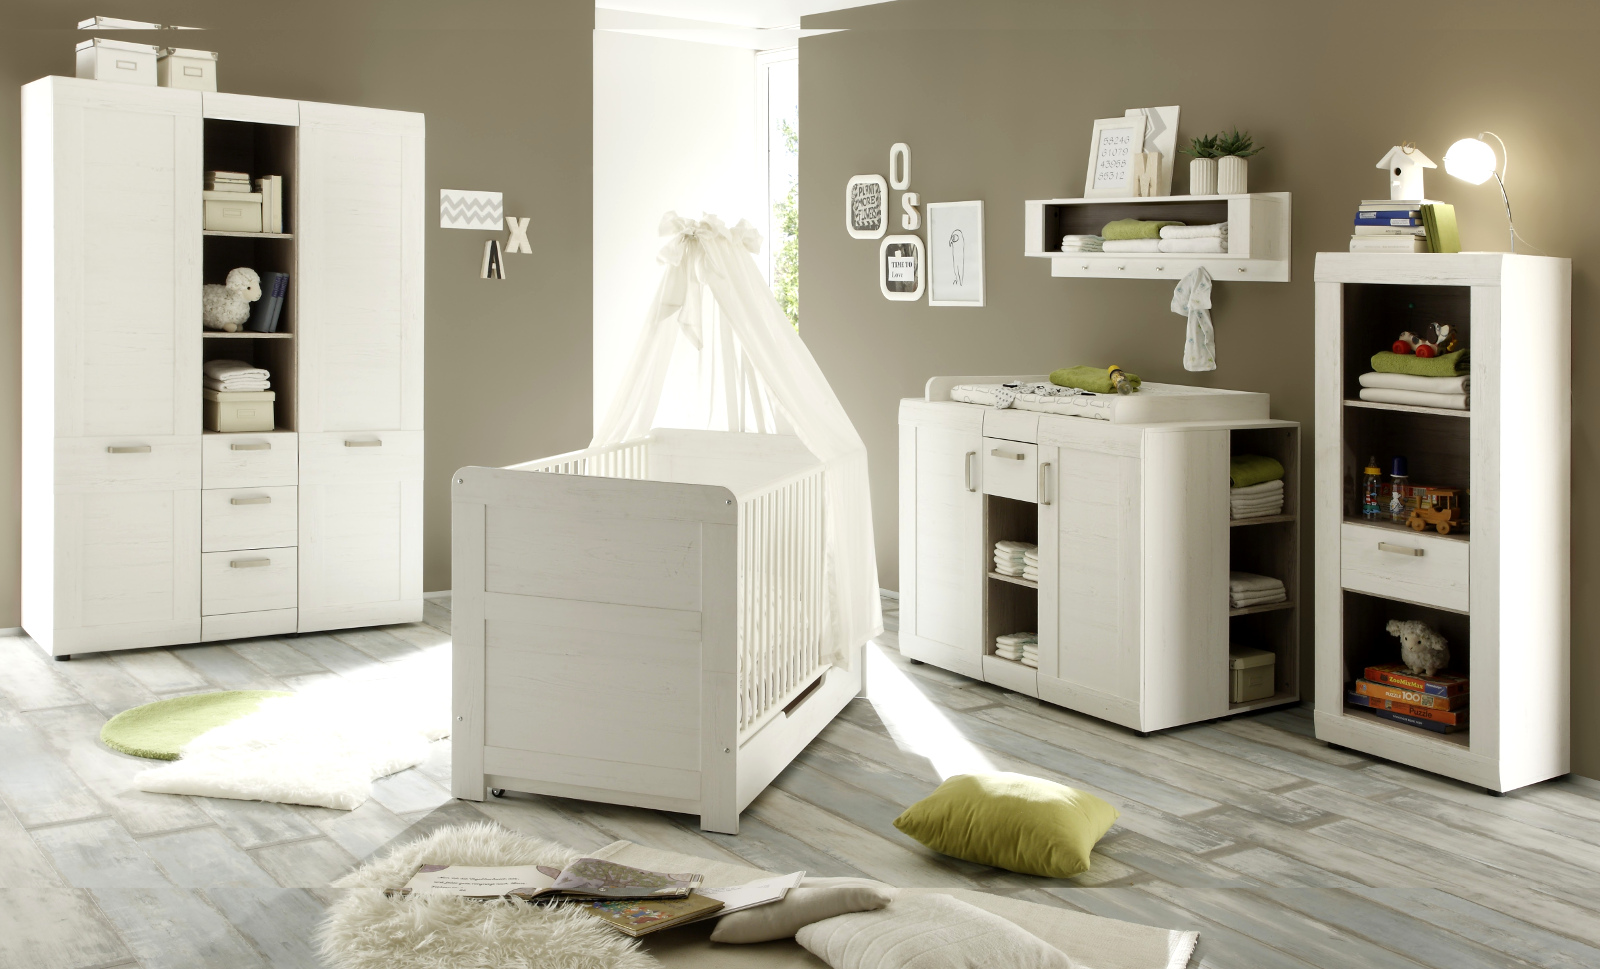 wickelkommode komplett pinie weiß struktur - Garderobe Kinderzimmer Weis